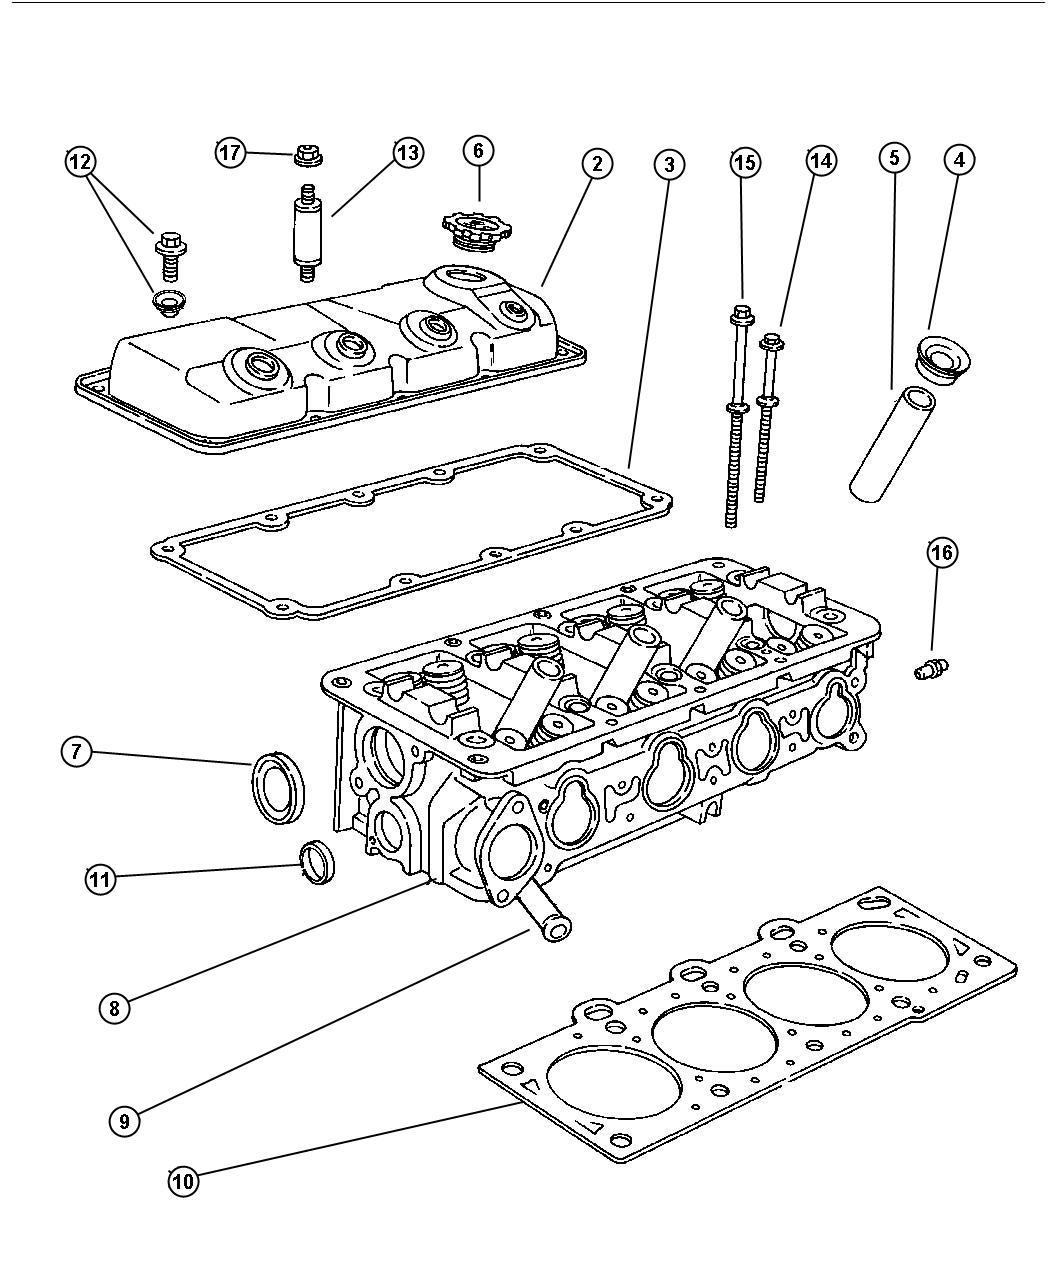 1999 Plymouth Breeze Cylinder Head 2.0L 4 Cyl SOHC (ECB)